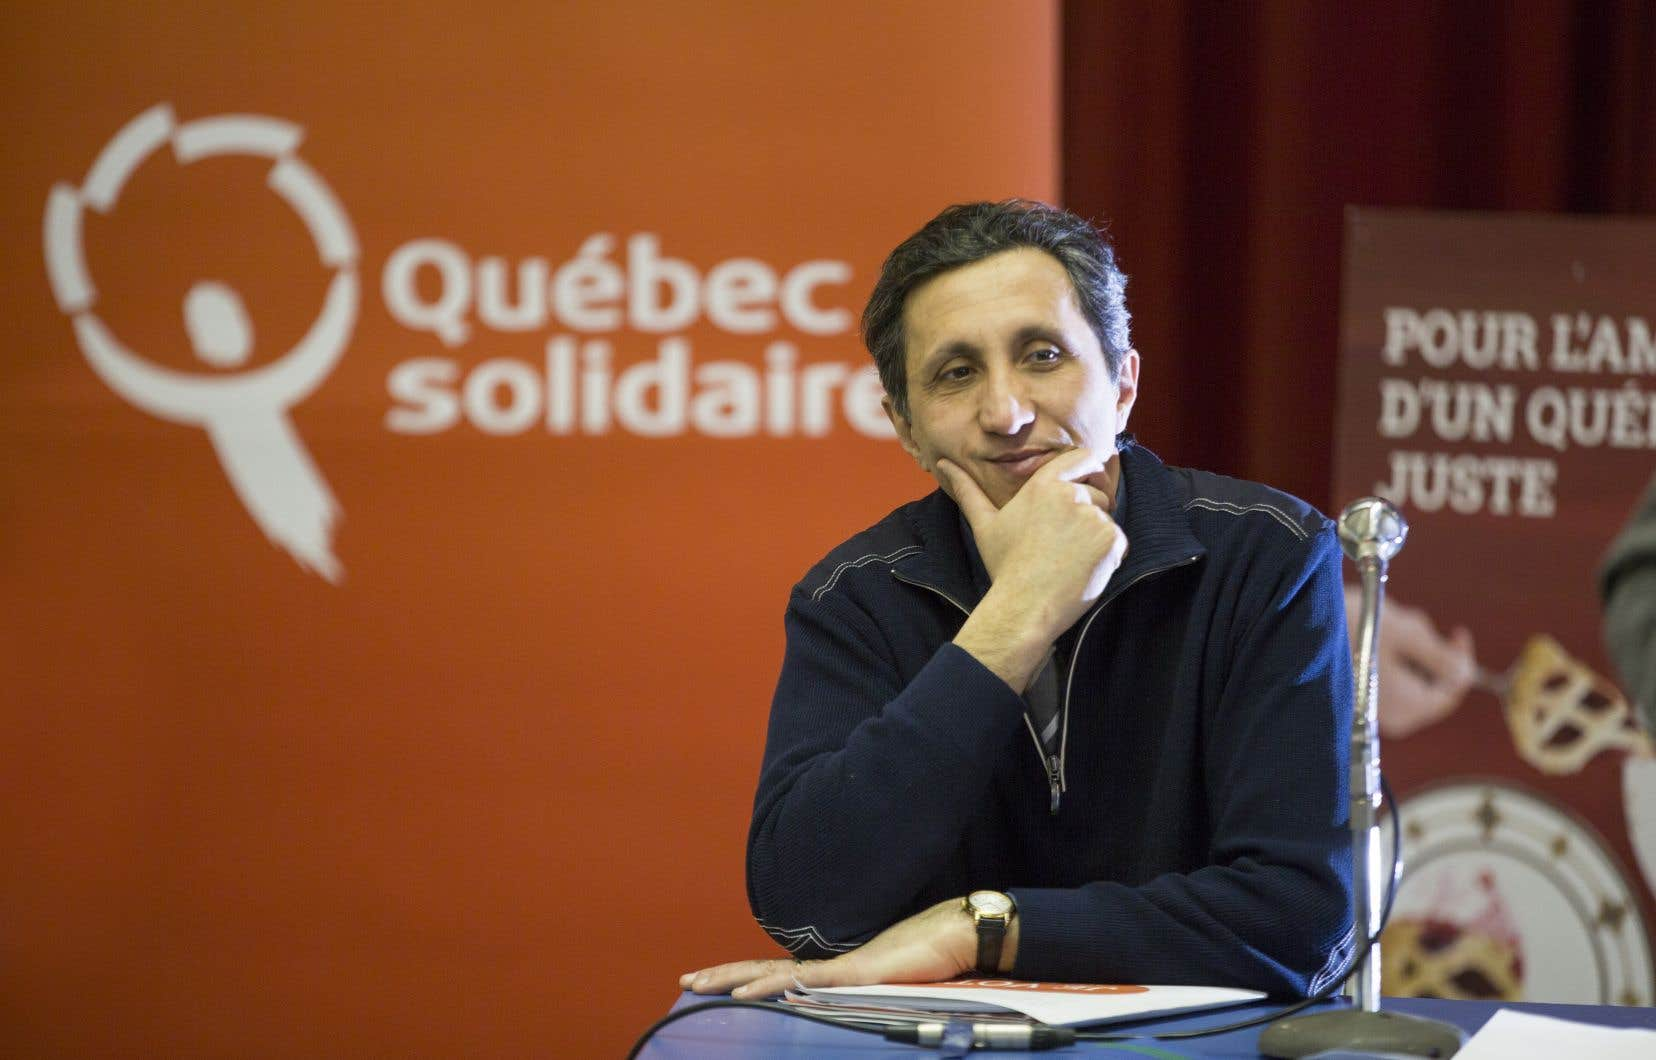 Le député de Mercier, Amir Khadir, de Québec solidaire